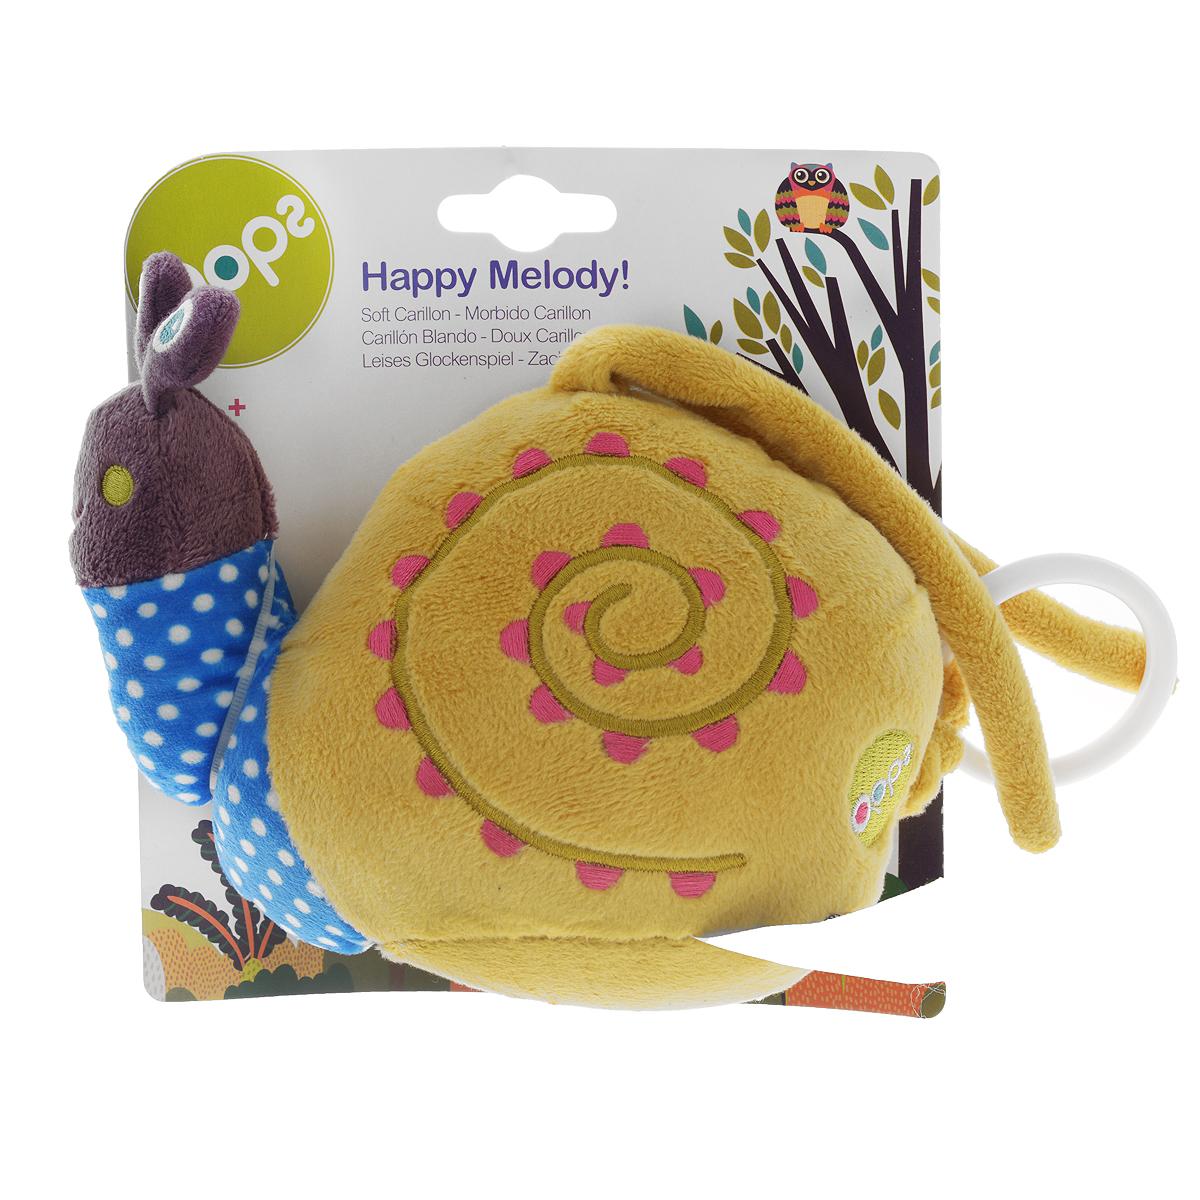 Музыкальная игрушка-подвеска OOPS УлиткаO 12002.13Музыкальная игрушка-подвеска OOPS Улитка изготовлена из мягкого и приятного на ощупь текстиля ярких приятных тонов в виде прекрасной улитки. Если вы потяните за пластиковое кольцо вниз, малыш услышит негромкую успокаивающую мелодию, которая заменит наскучившие колыбельные и поможет ему заснуть. Подвеска выполнена из гипоаллергенного волокна. Крепиться к кровати с помощью специальных веревочек. Игрушка-подвеска OOPS Улитка развивает слух, моторику, зрительно-цветовое восприятие и обладает релаксирующим воздействием.